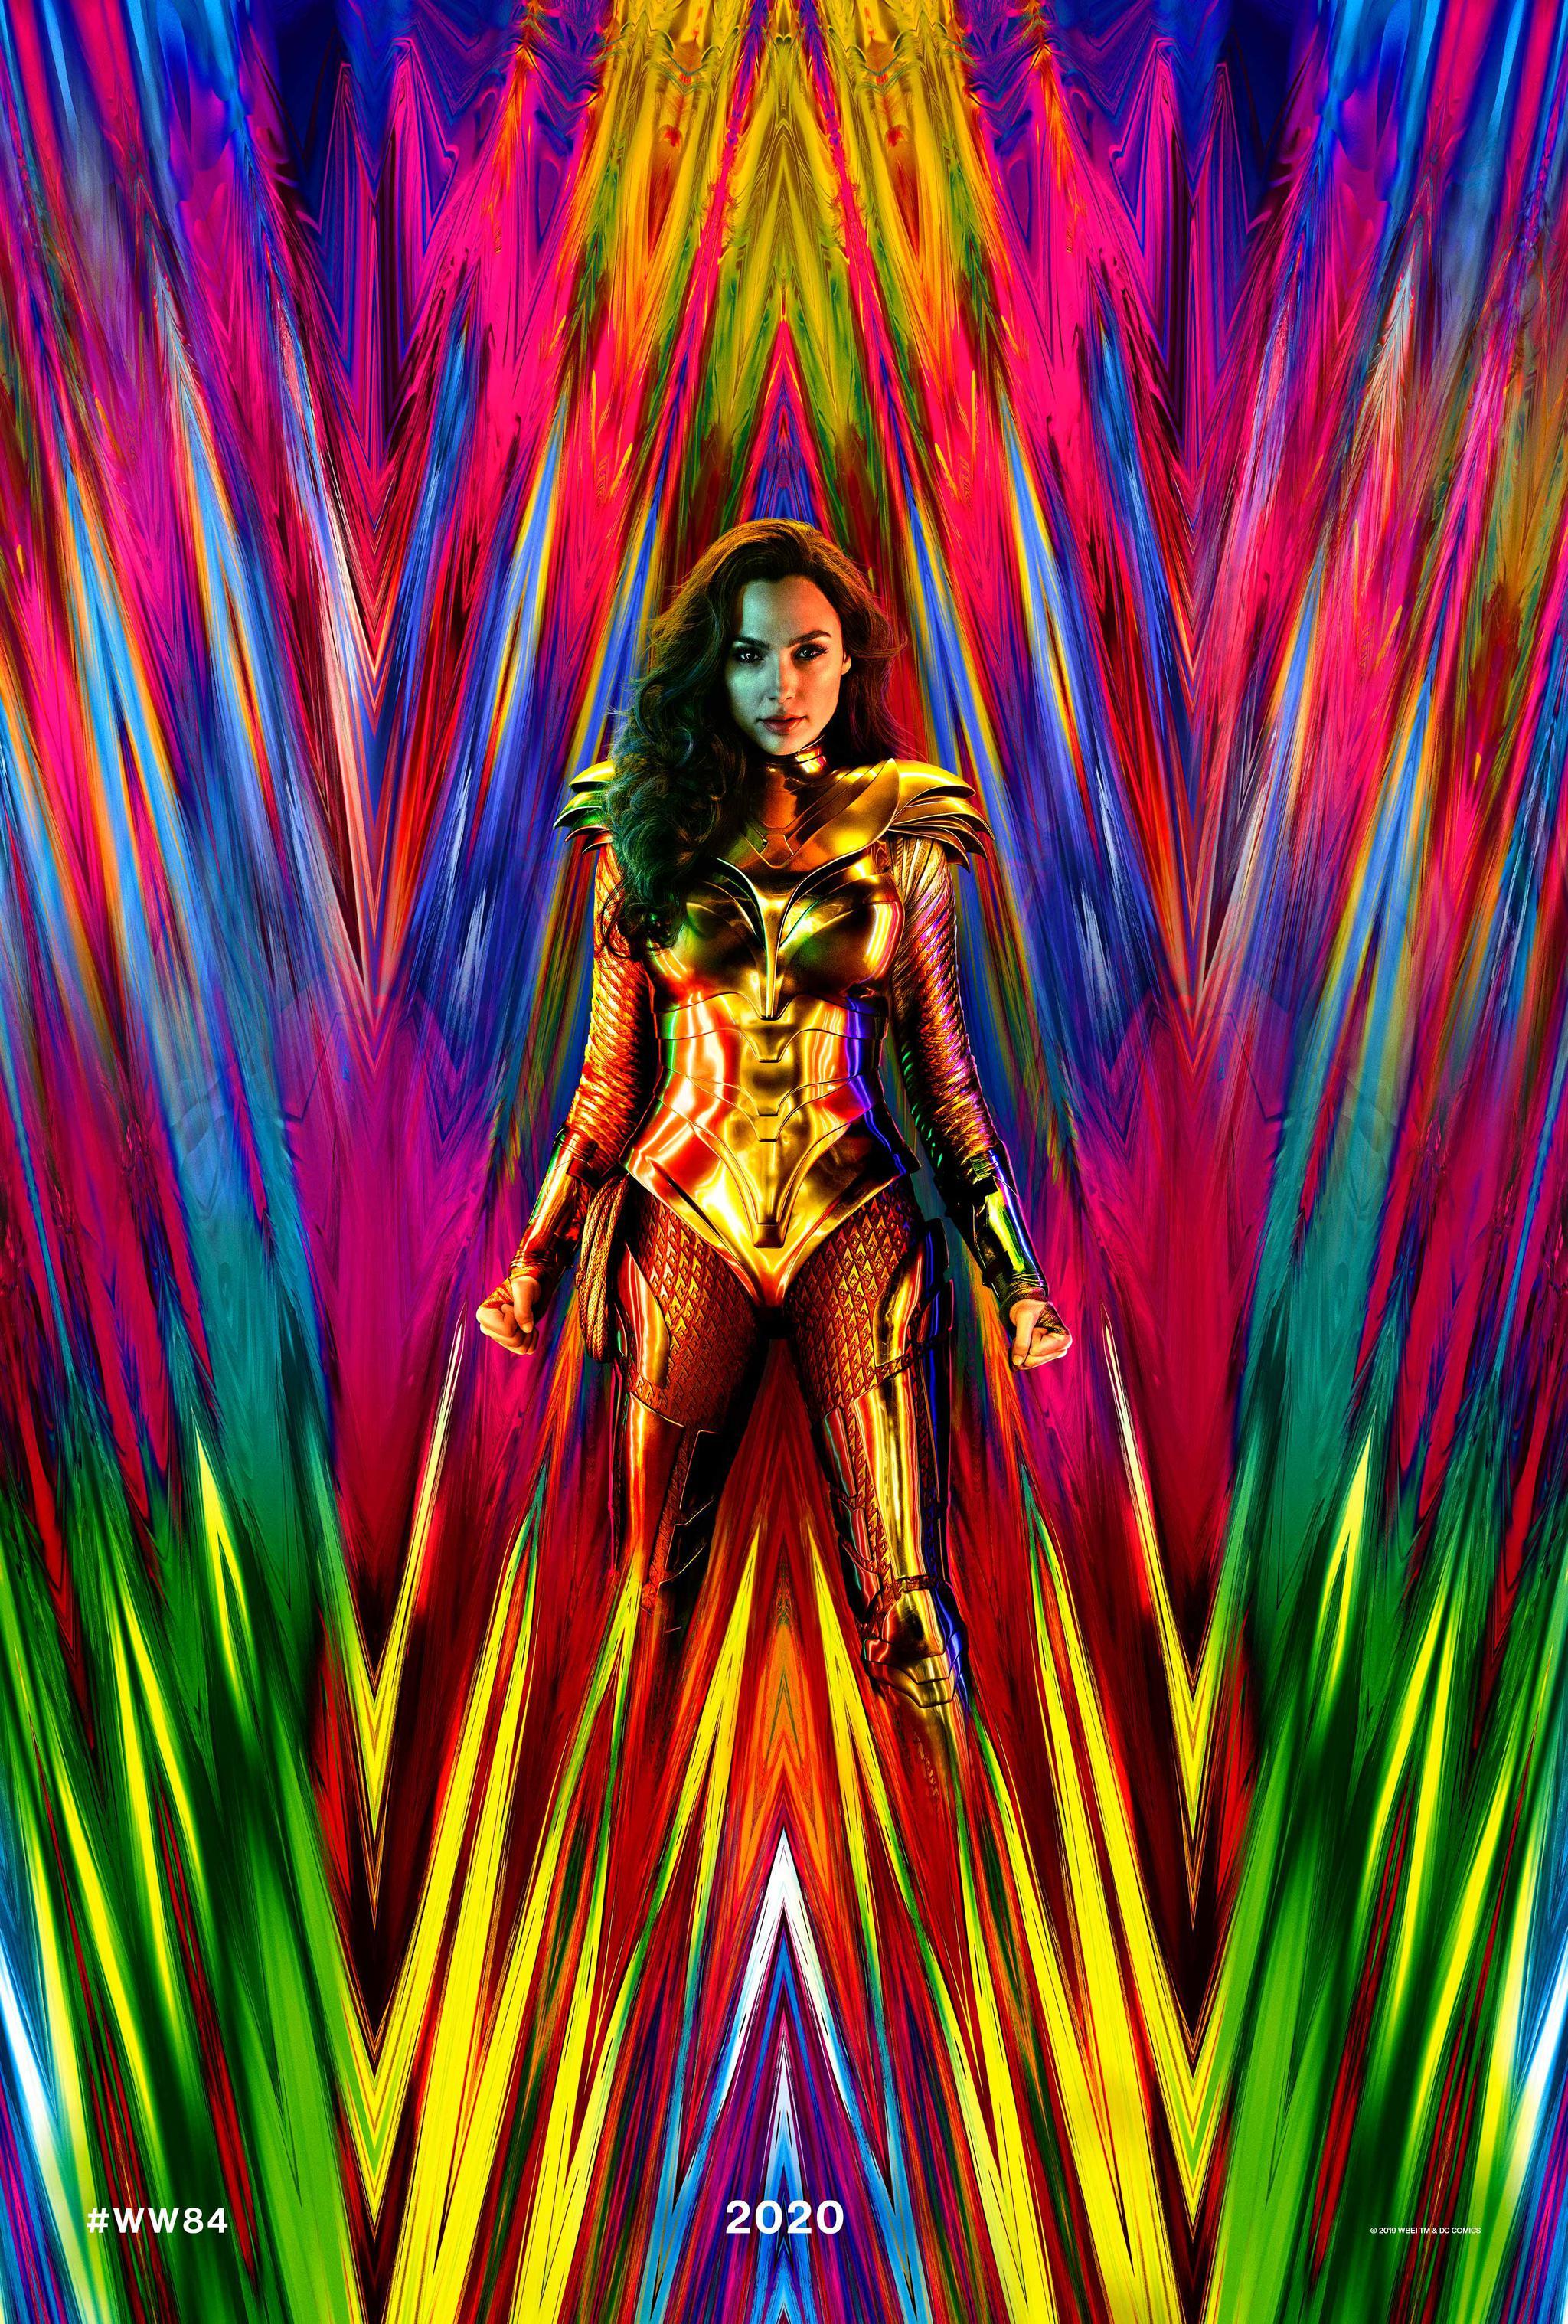 《神奇女侠1984》发首张海报,盖尔・加朵穿黄金圣衣